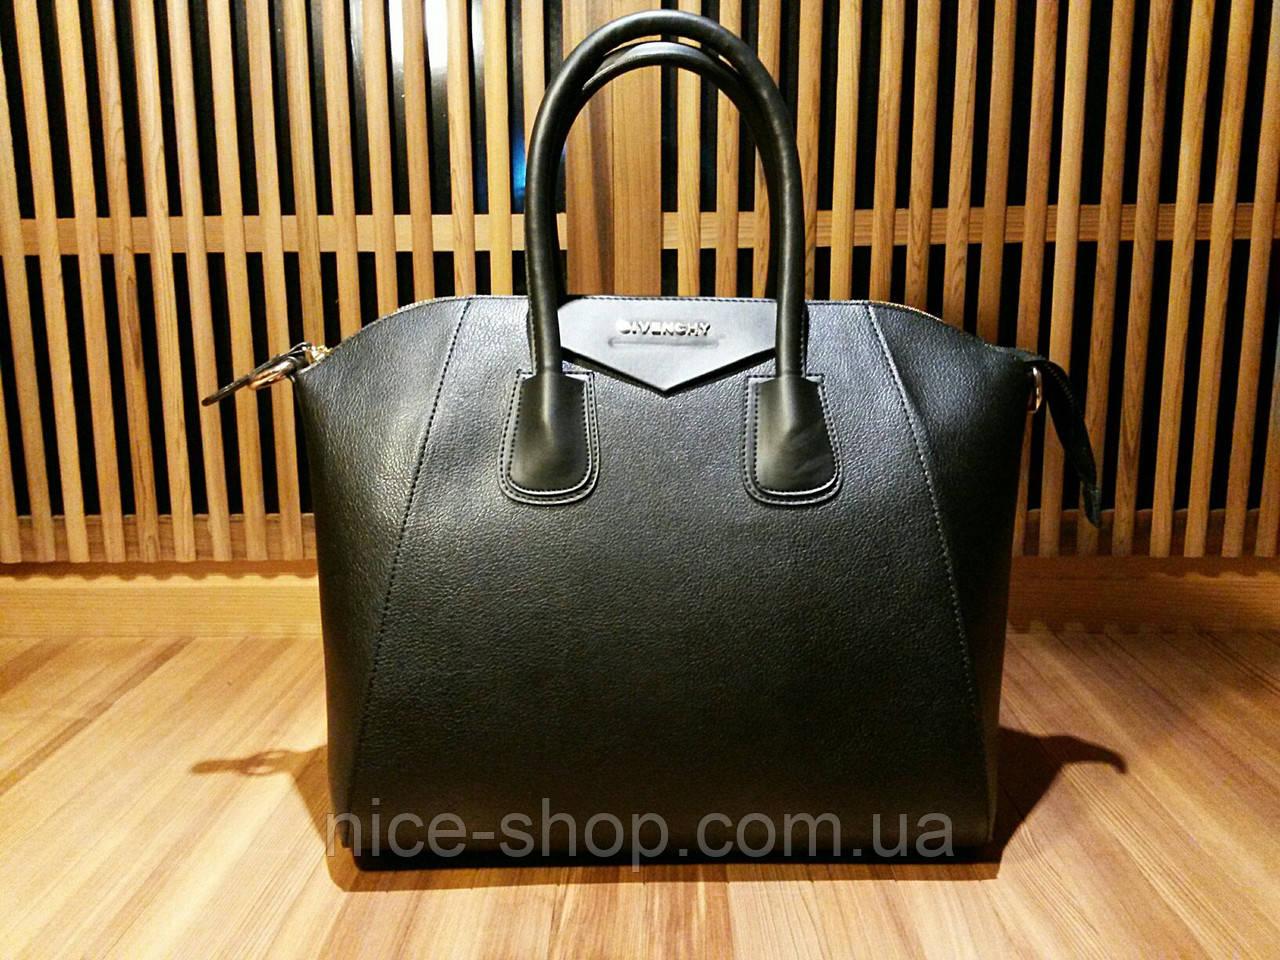 Купить женские сумки Живанши недорого, копии сумок